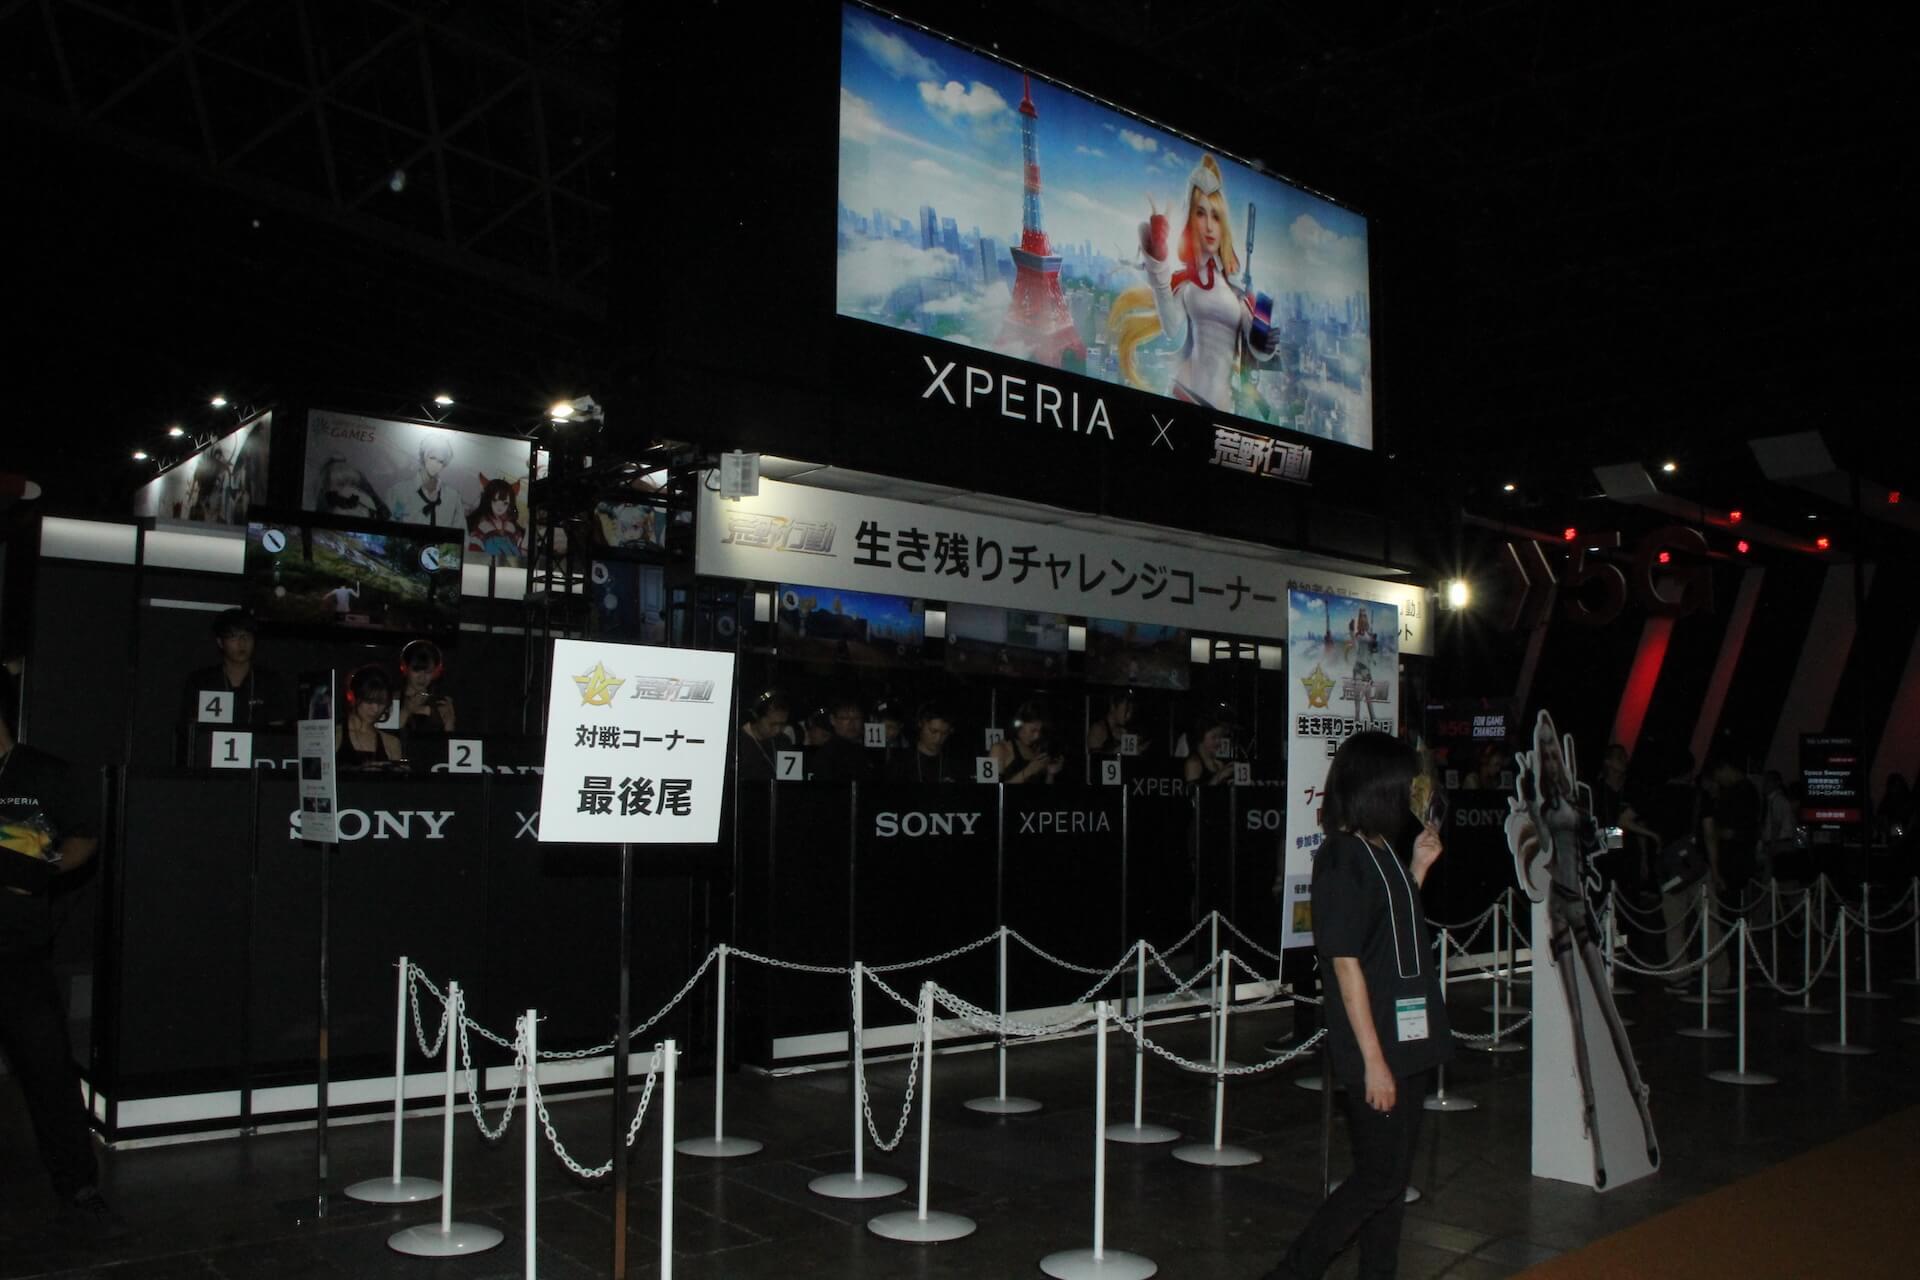 「東京ゲームショウ 2019」インテルが「Intel World Open」開催を発表「日本でeスポーツの裾野を広げるため」 tech190918_tokyogameshow2019_6